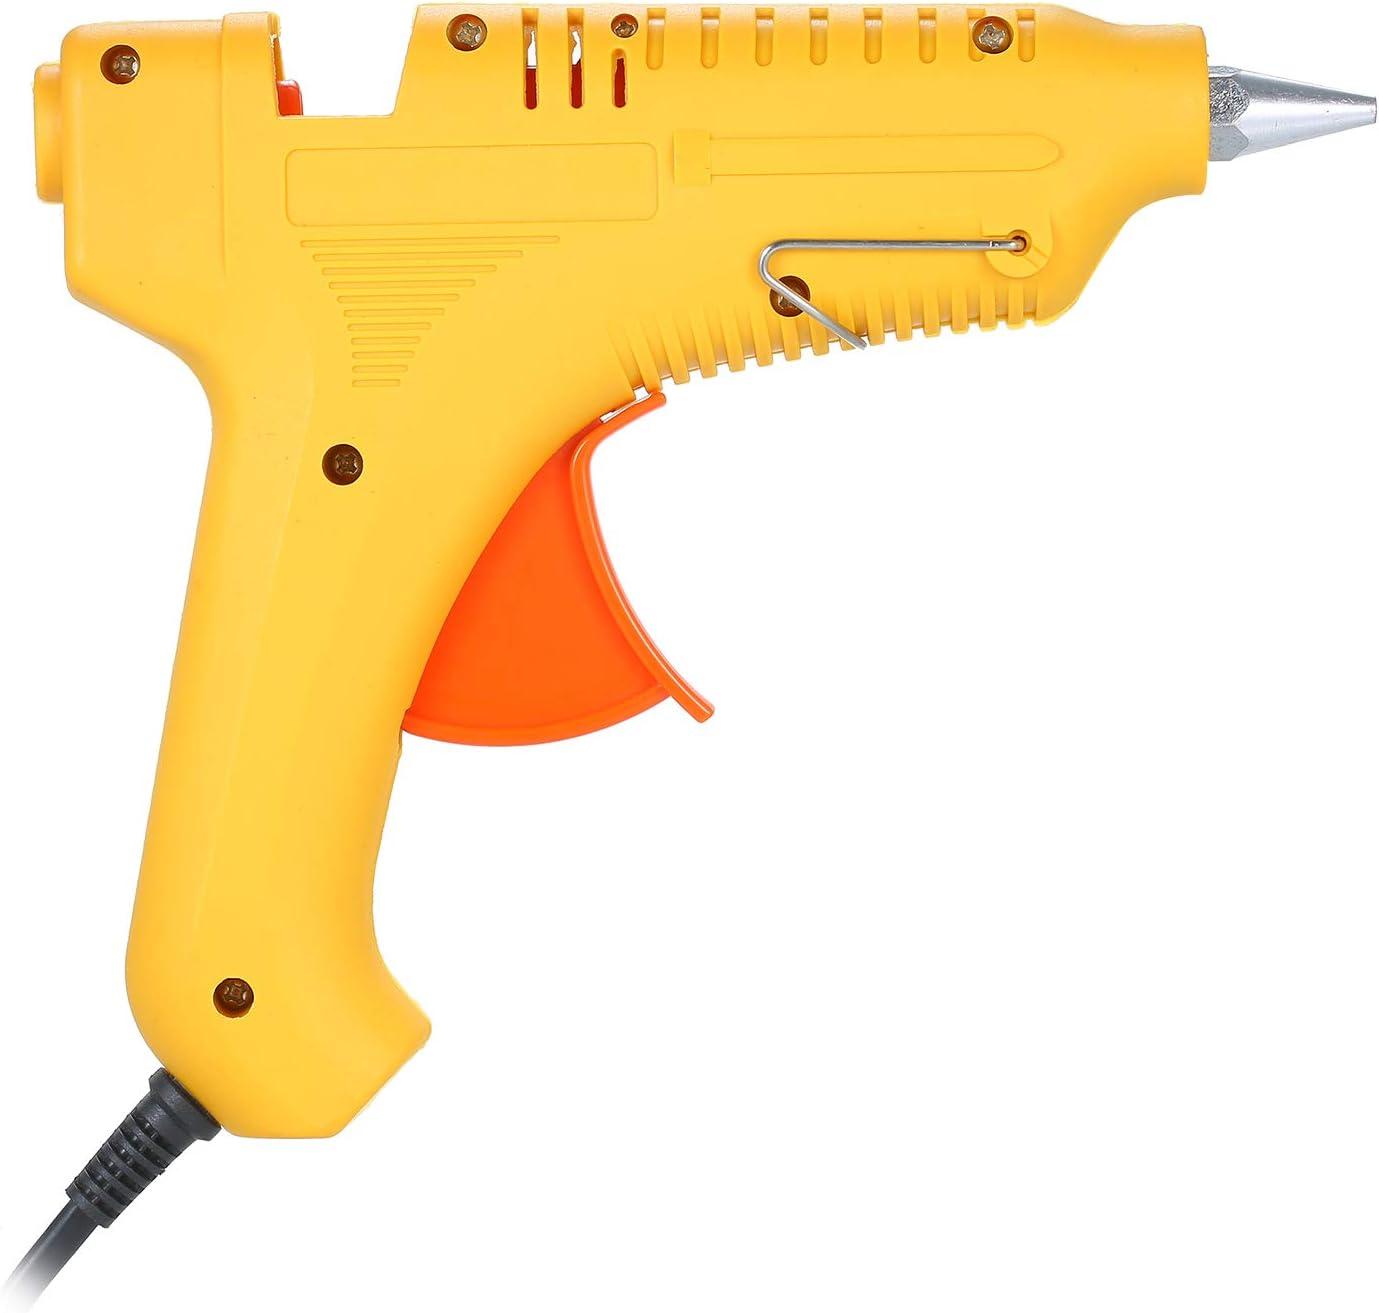 Pistolet /à colle thermofusible 60W 100W Puissance r/églable Machine /à colle thermofusible Multifonctionnel M/énage industriel BRICOLAGE Pistolet /à colle Jaune GT-10